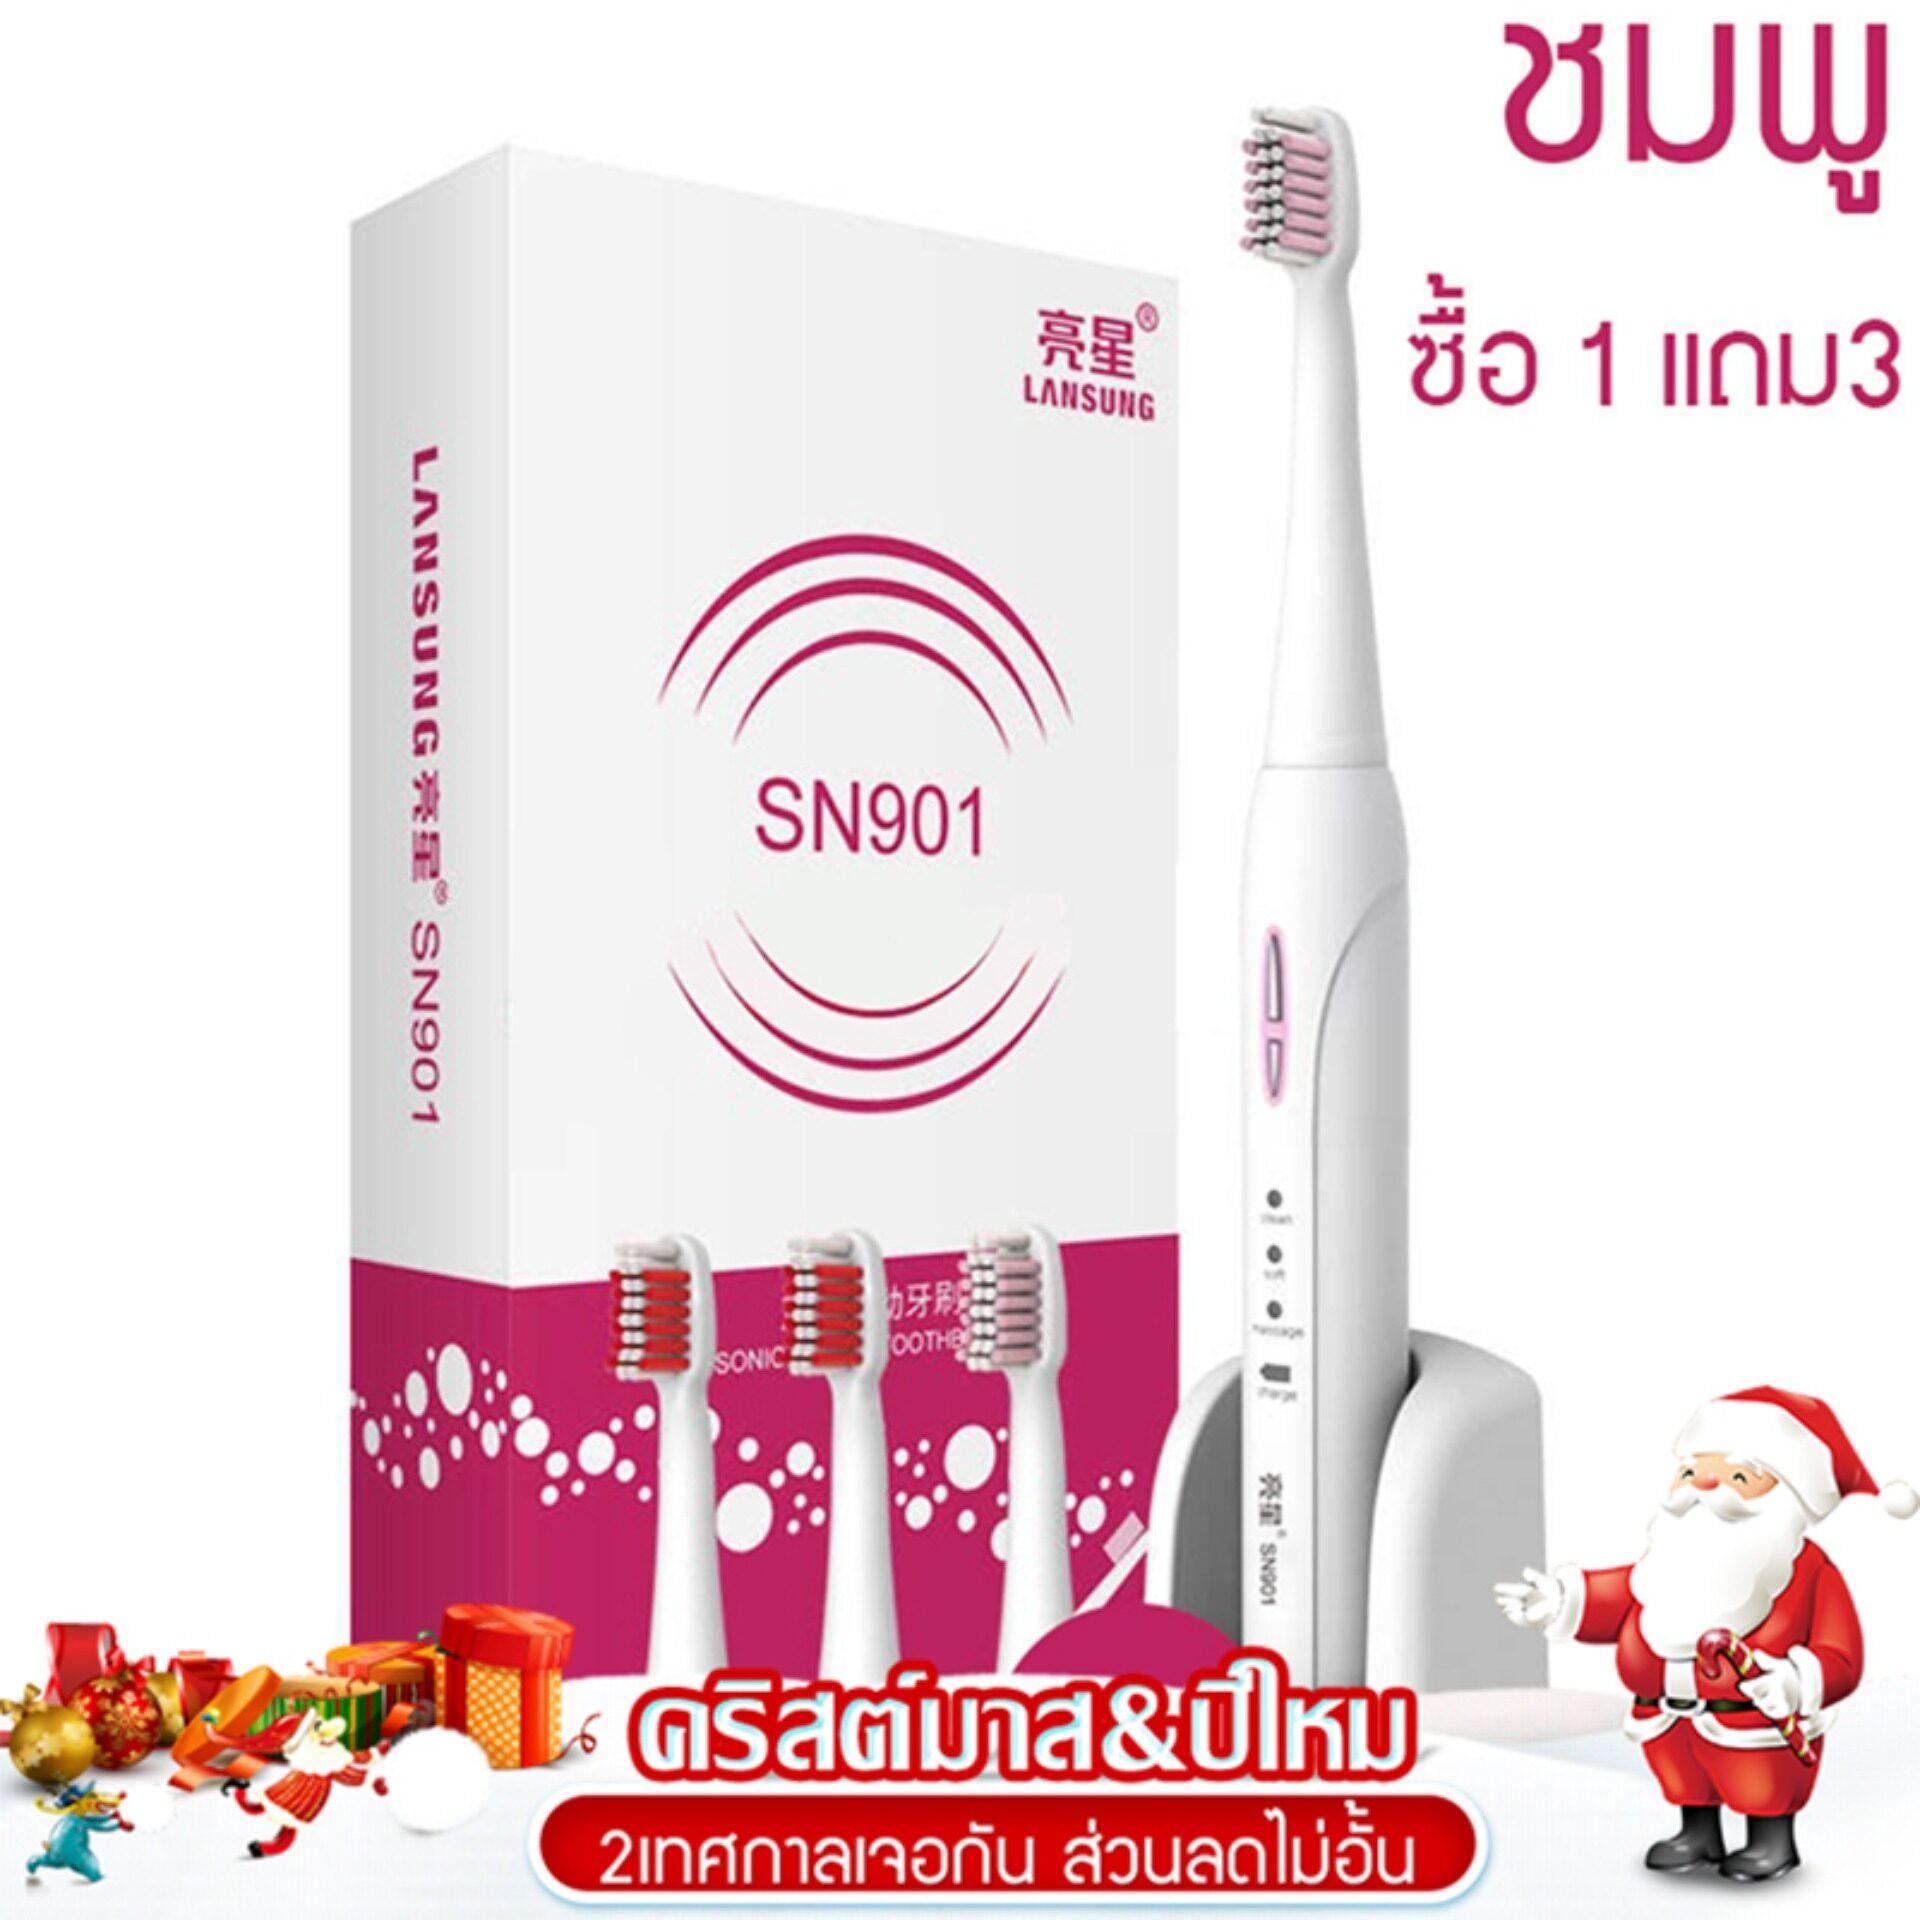 แปรงสีฟันไฟฟ้า รอยยิ้มขาวสดใสใน 1 สัปดาห์ พิษณุโลก แปรงสีฟัน แปรงสีฟันไฟฟ้า Sonic SN901 แบบชาร์จ Electronic Toothbrush  สำหรับผู้ใหญ่ ด้ามเดี่ยวแถมหัวแปรง 3 หัว แพ็คคู่รักแถมหัวแปรง 4 หัว ถูกกว่า  SavorLife